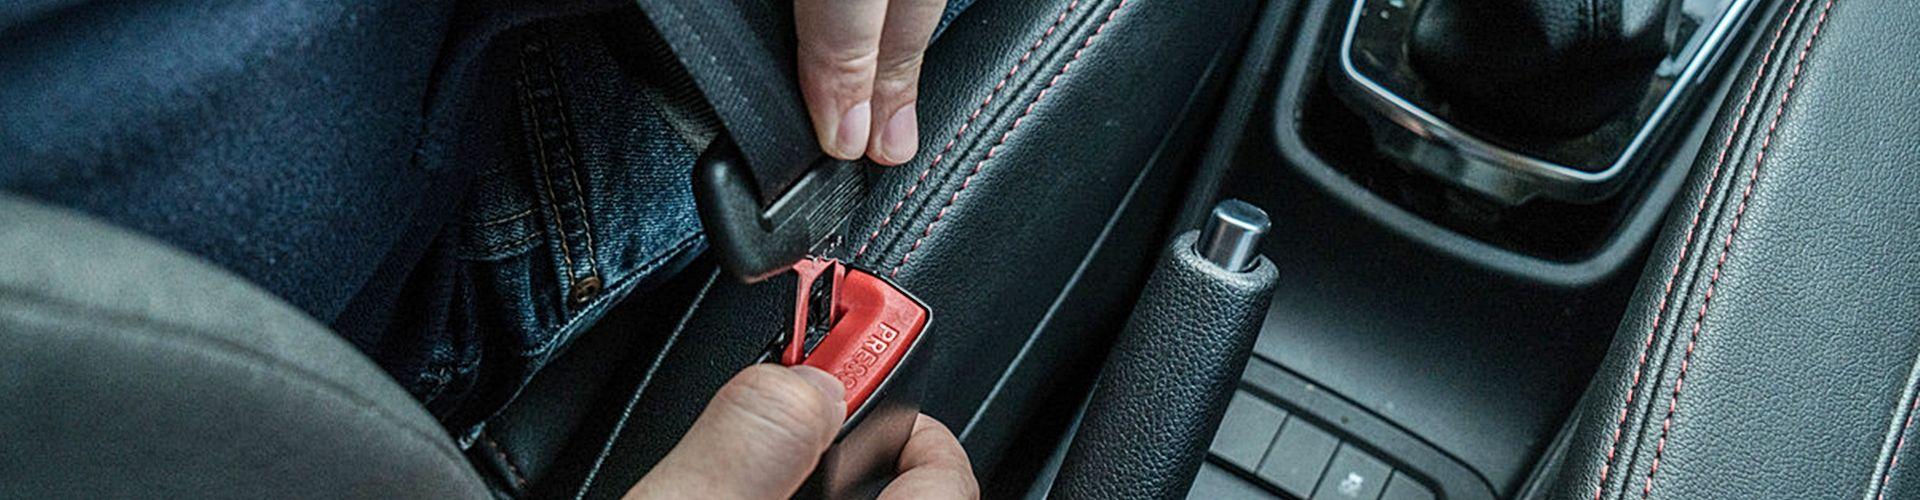 como-quitarse-cinturon-seguridad